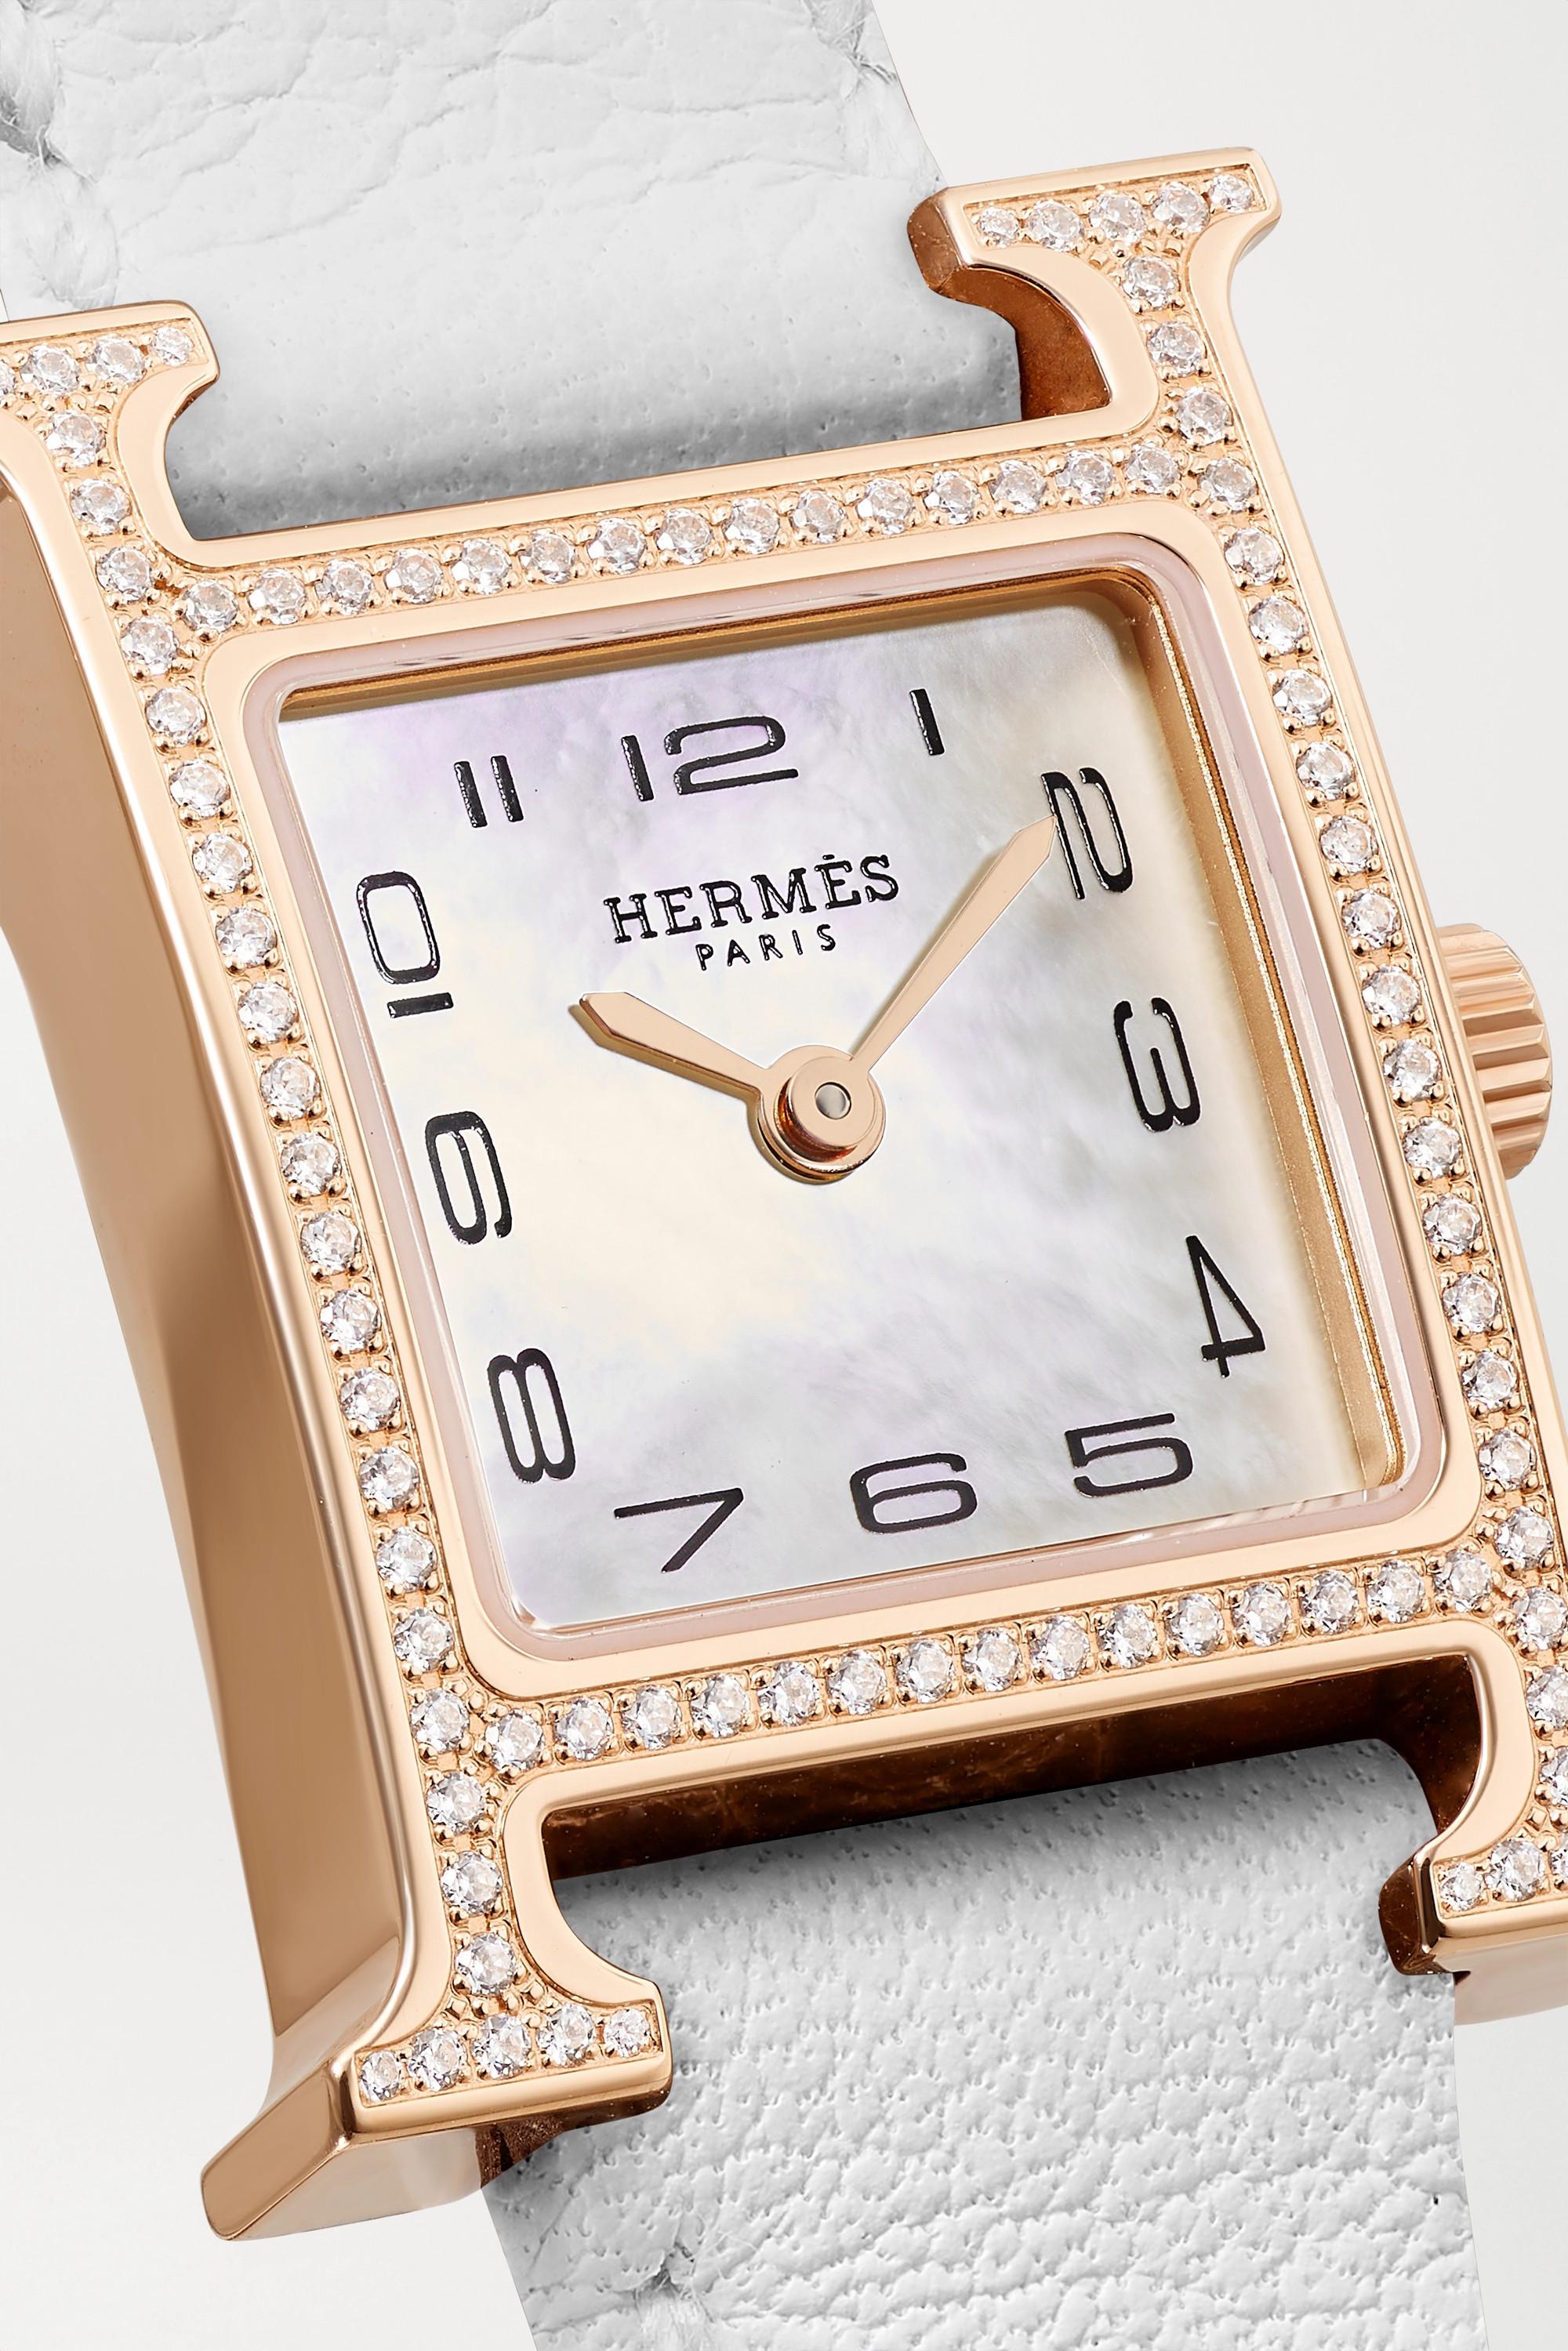 Hermès Timepieces Montre en plaqué or rose, nacre et diamants à bracelet en cuir Heure H Very Small 17,2 mm